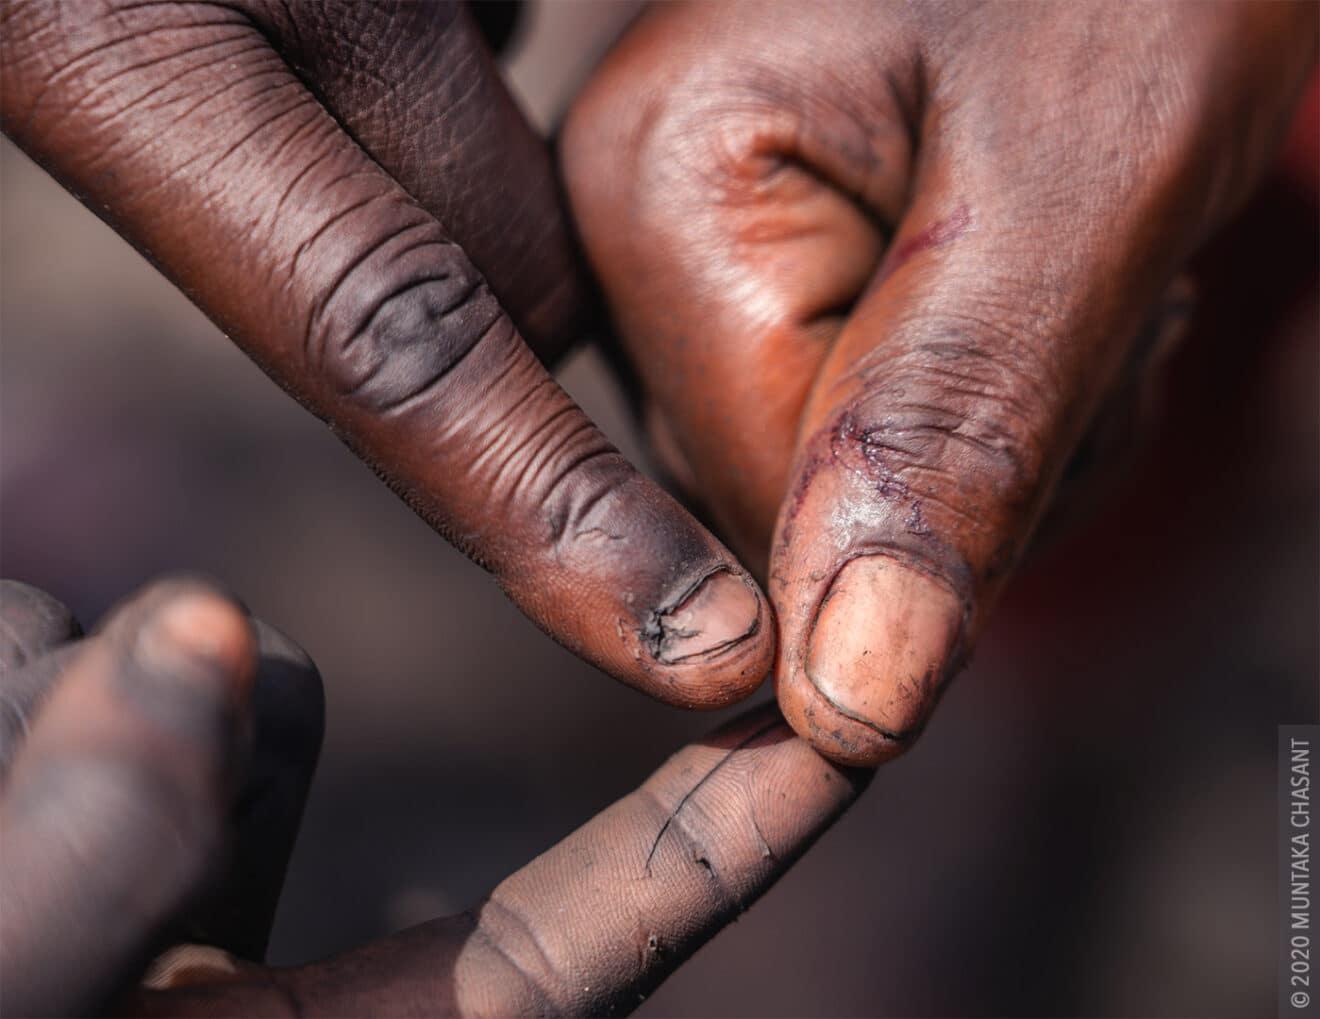 Children of Agbogbloshie: injury